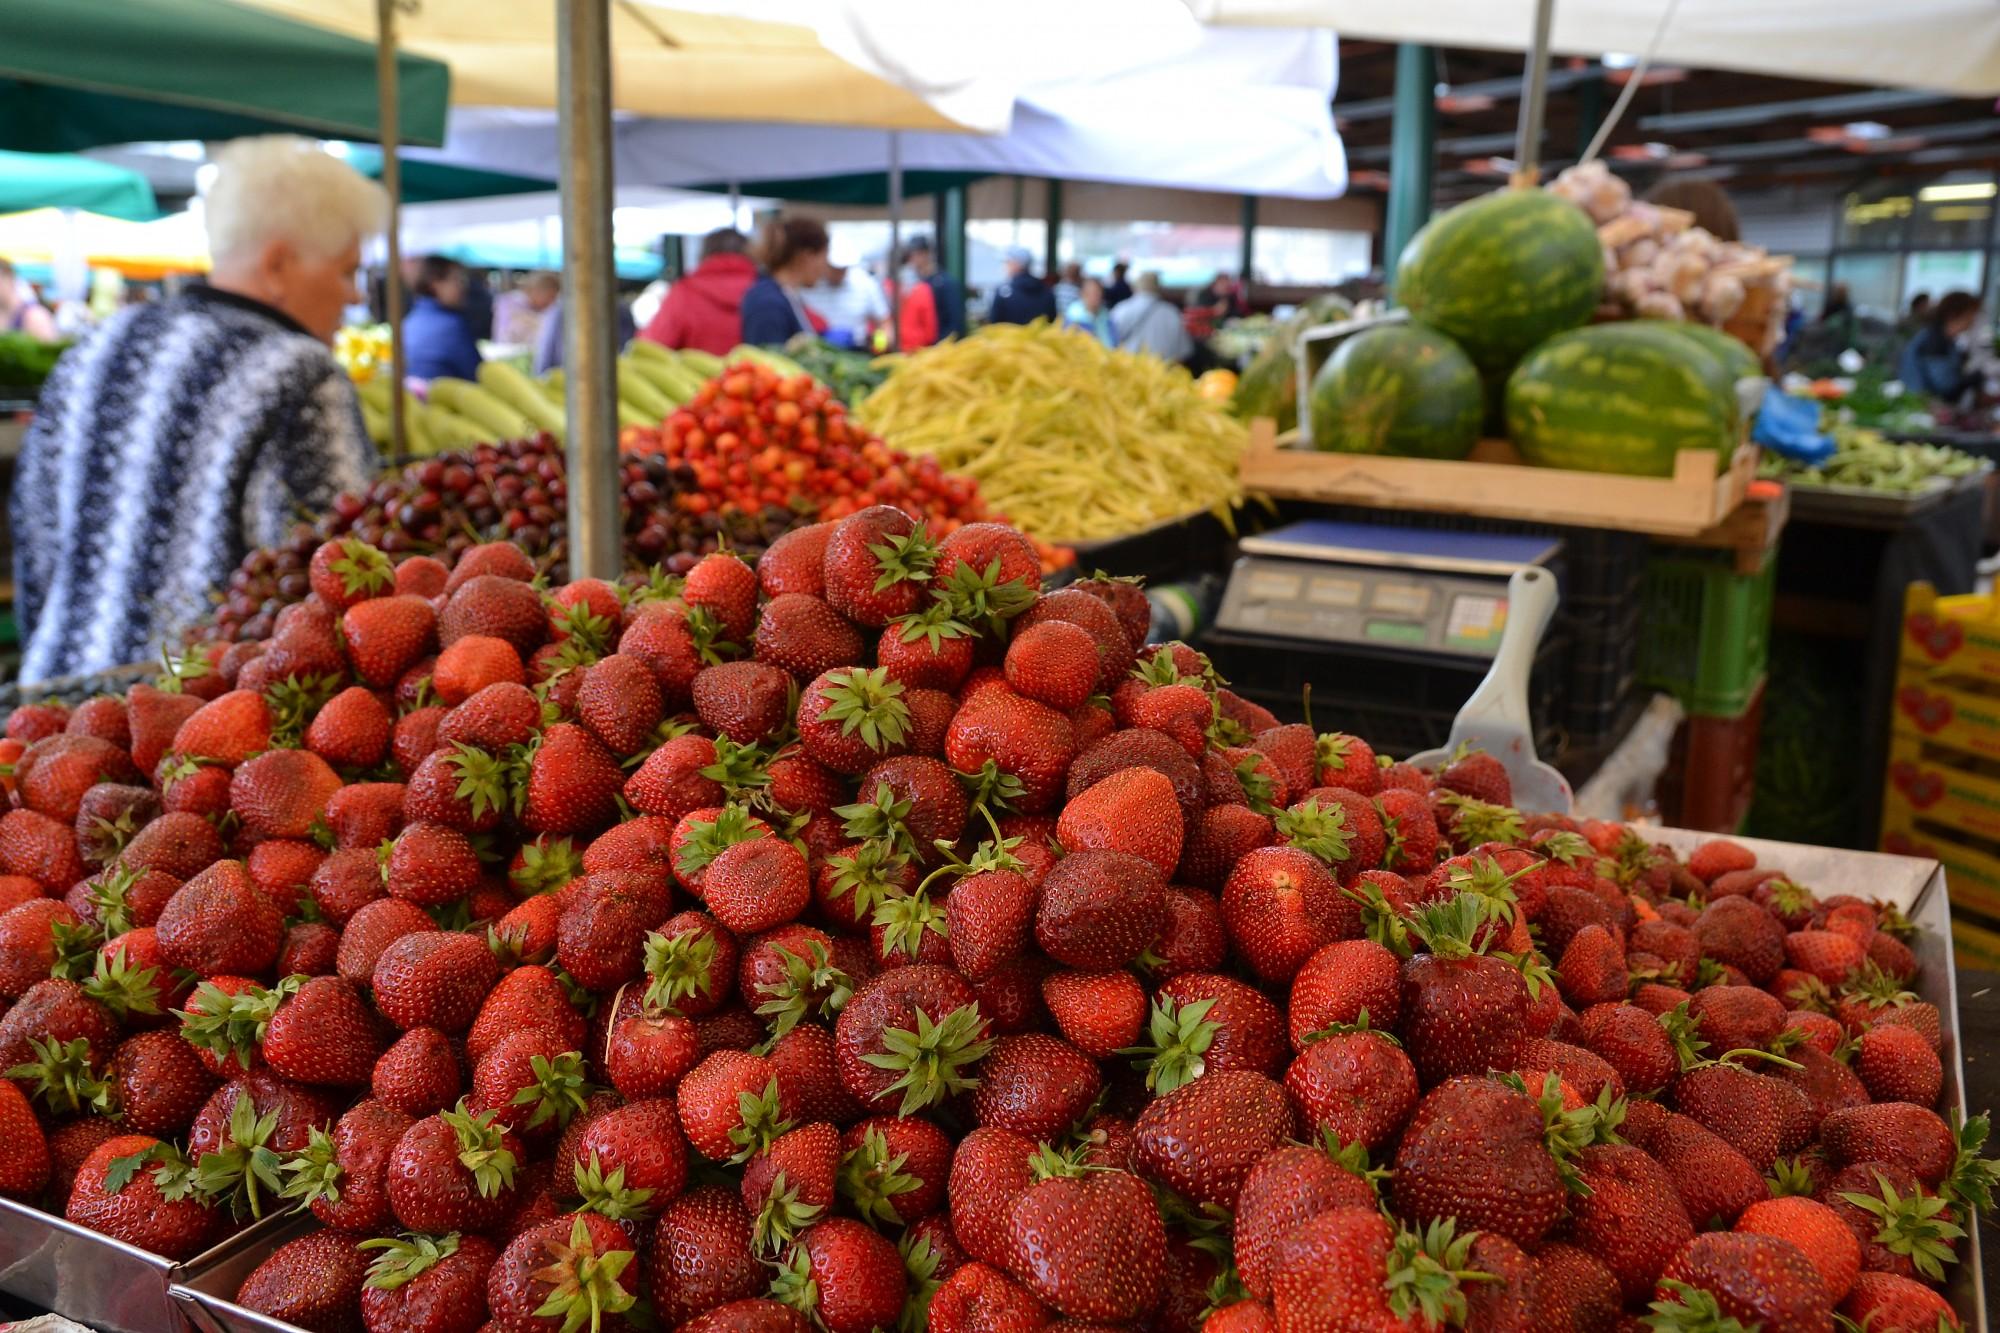 Augļu un dārzeņu tirgotājus pieķer pārkāpumos